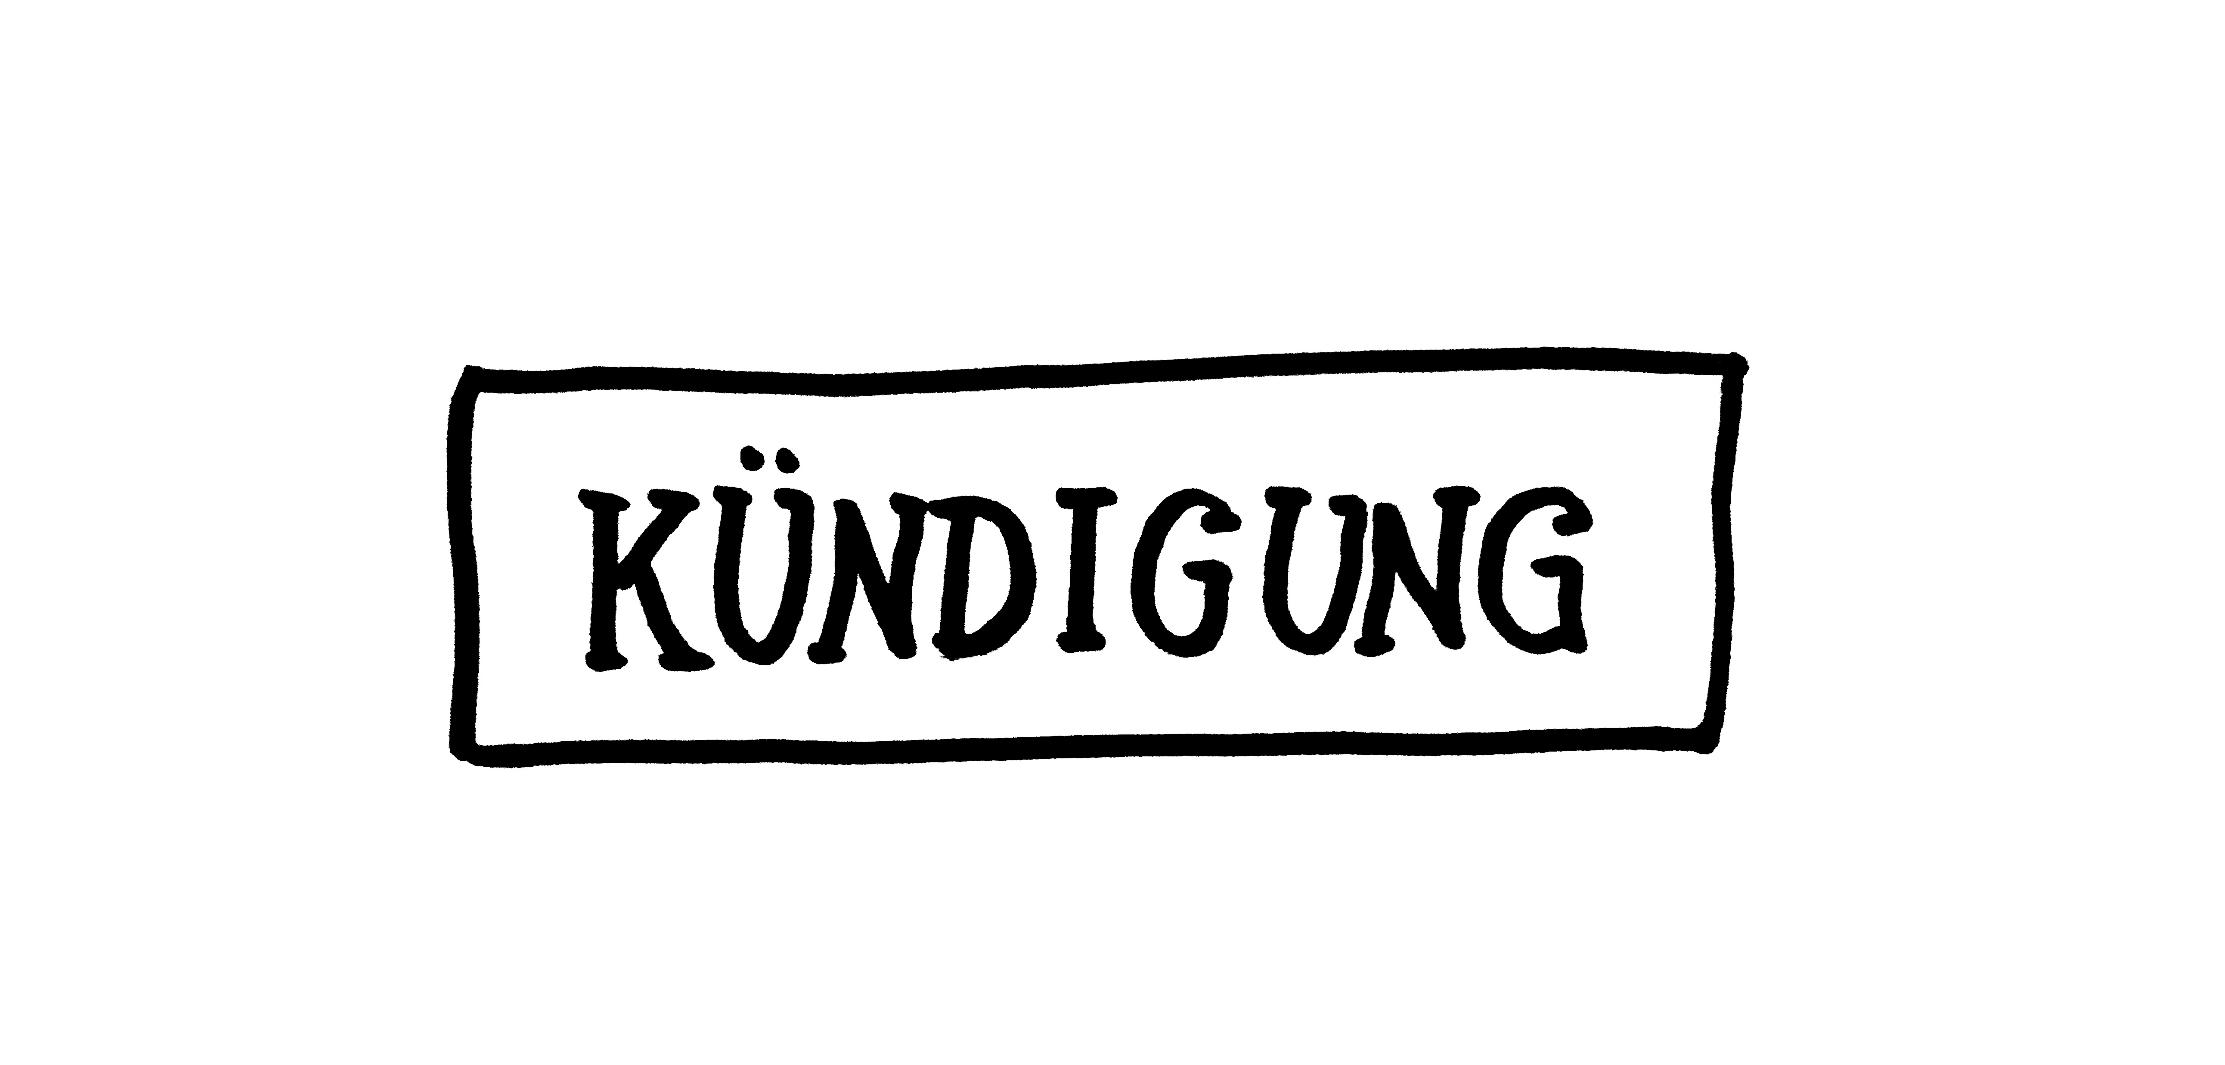 Die Arbeitnehmerkündigung In österreich Die Fakten